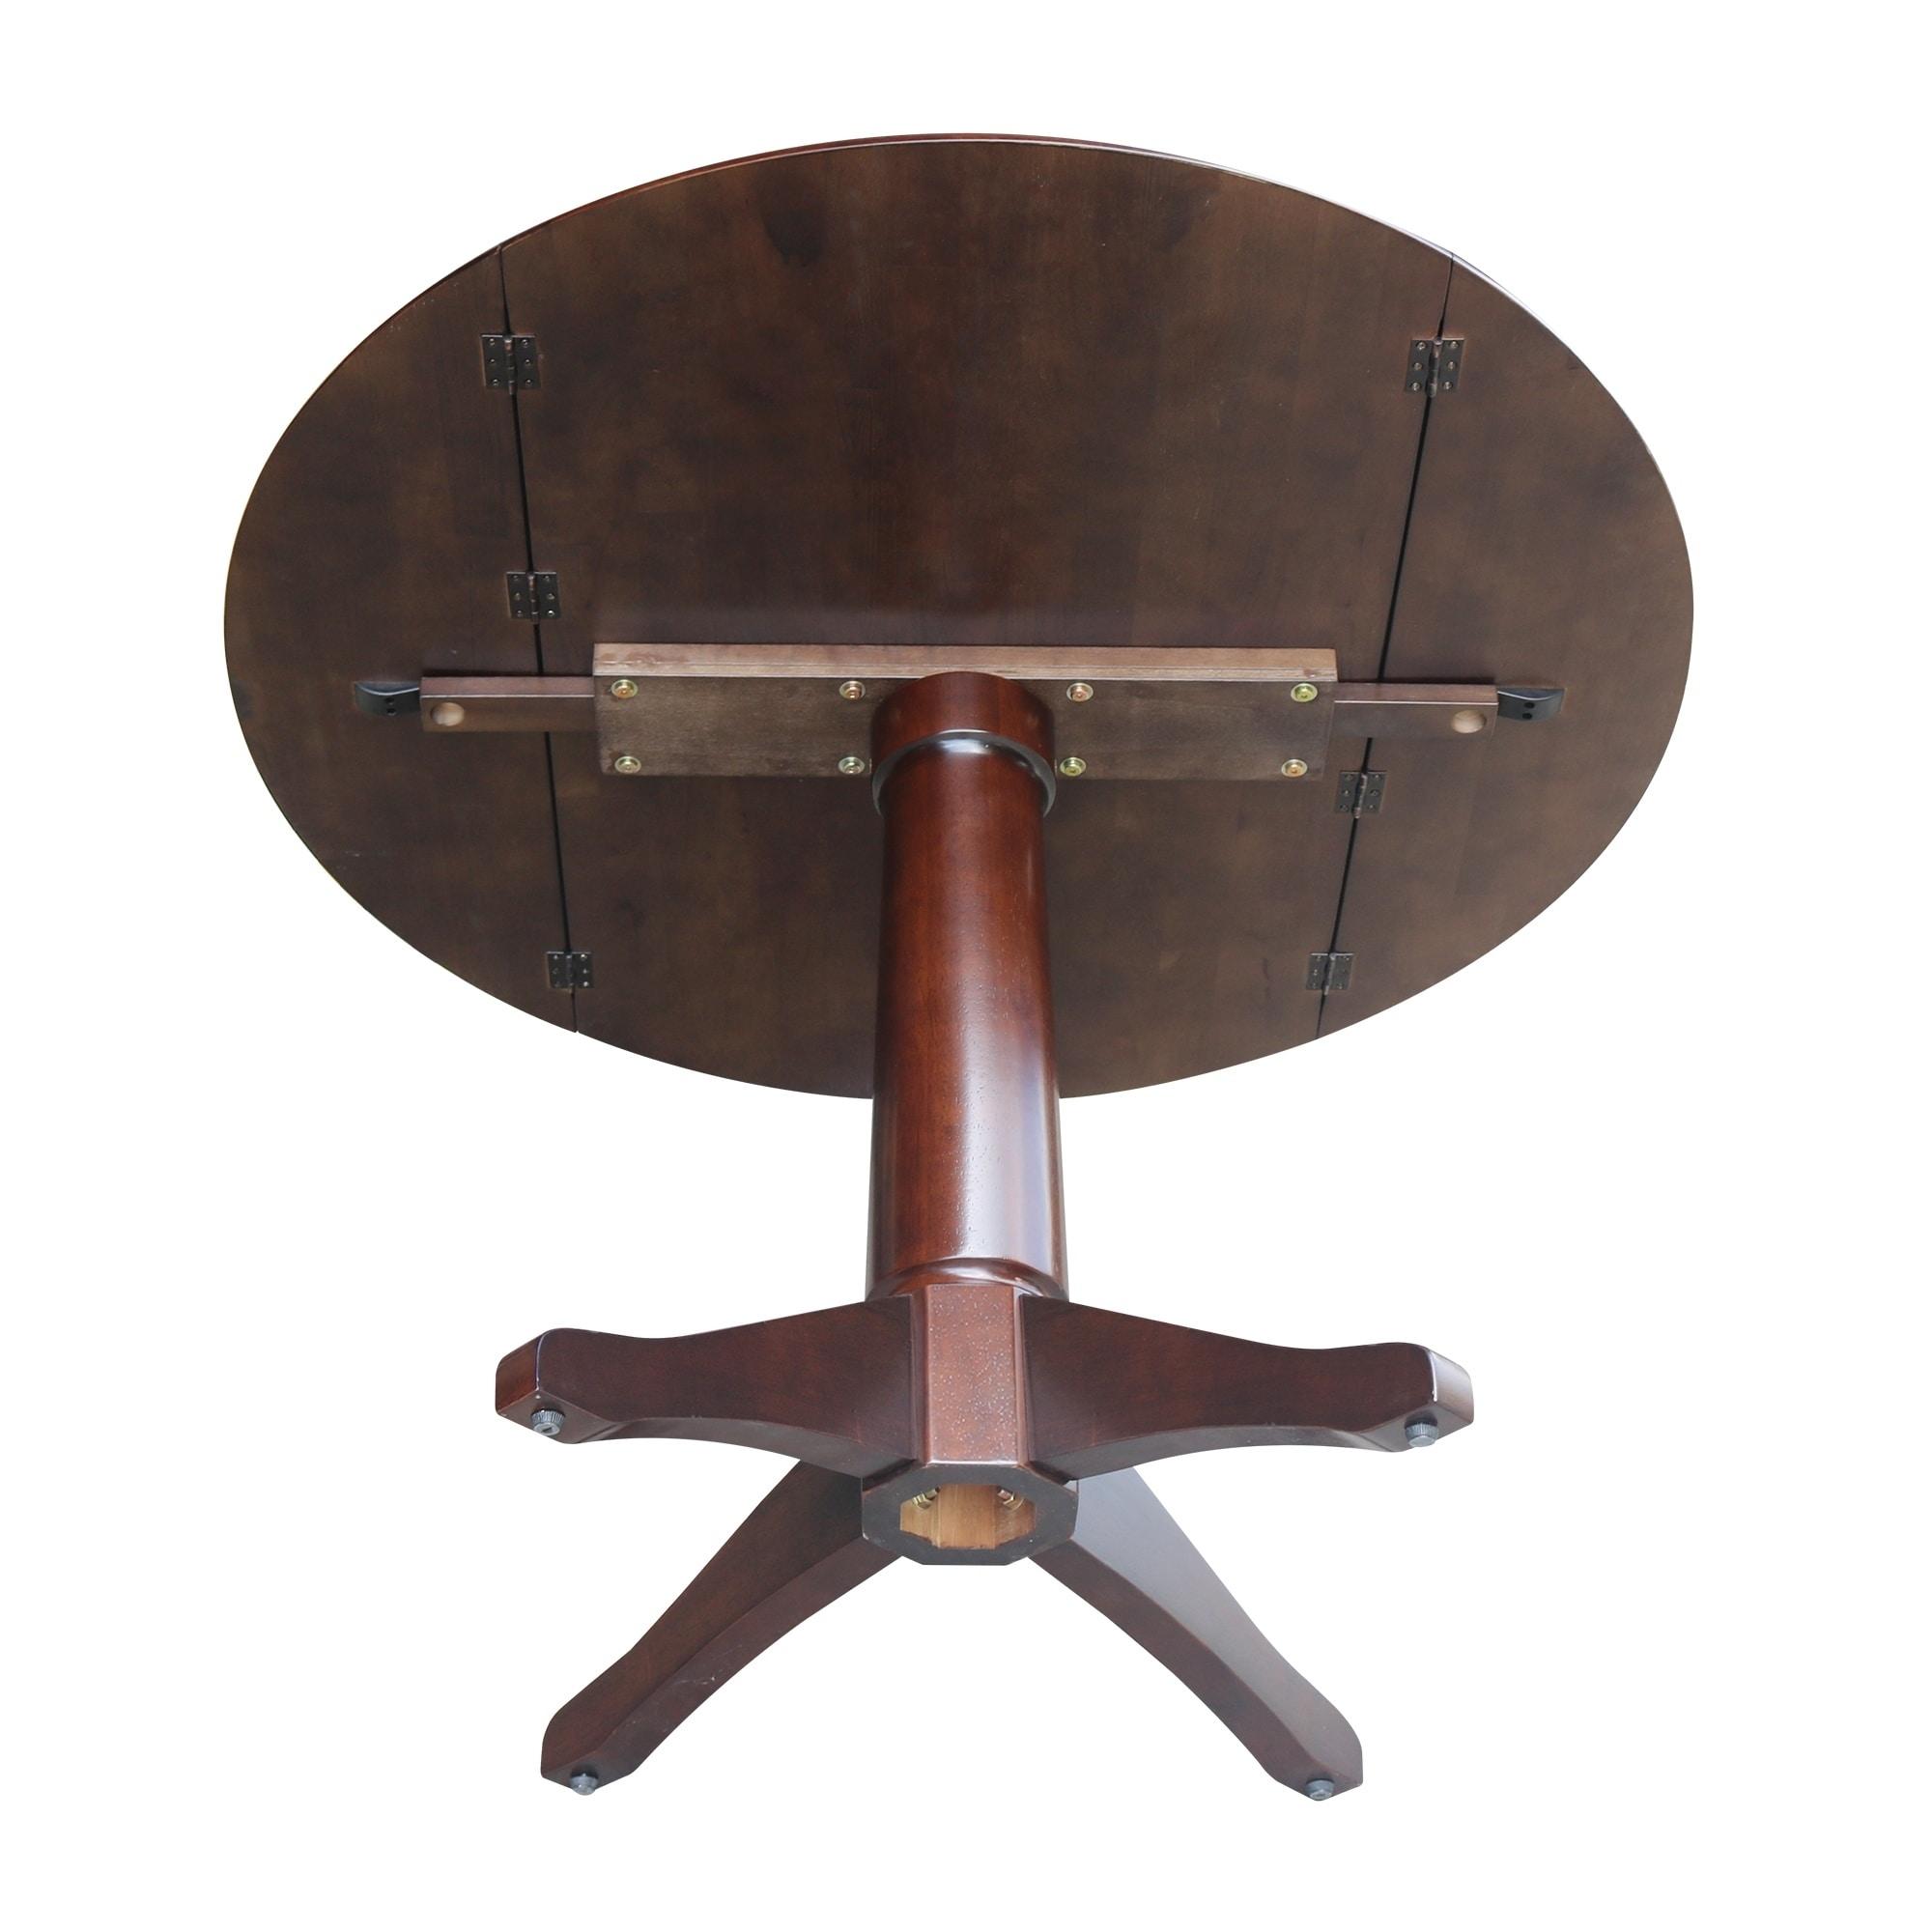 Shop 42 Round Dual Drop Leaf Pedestal Table In Rich Mocha Rich